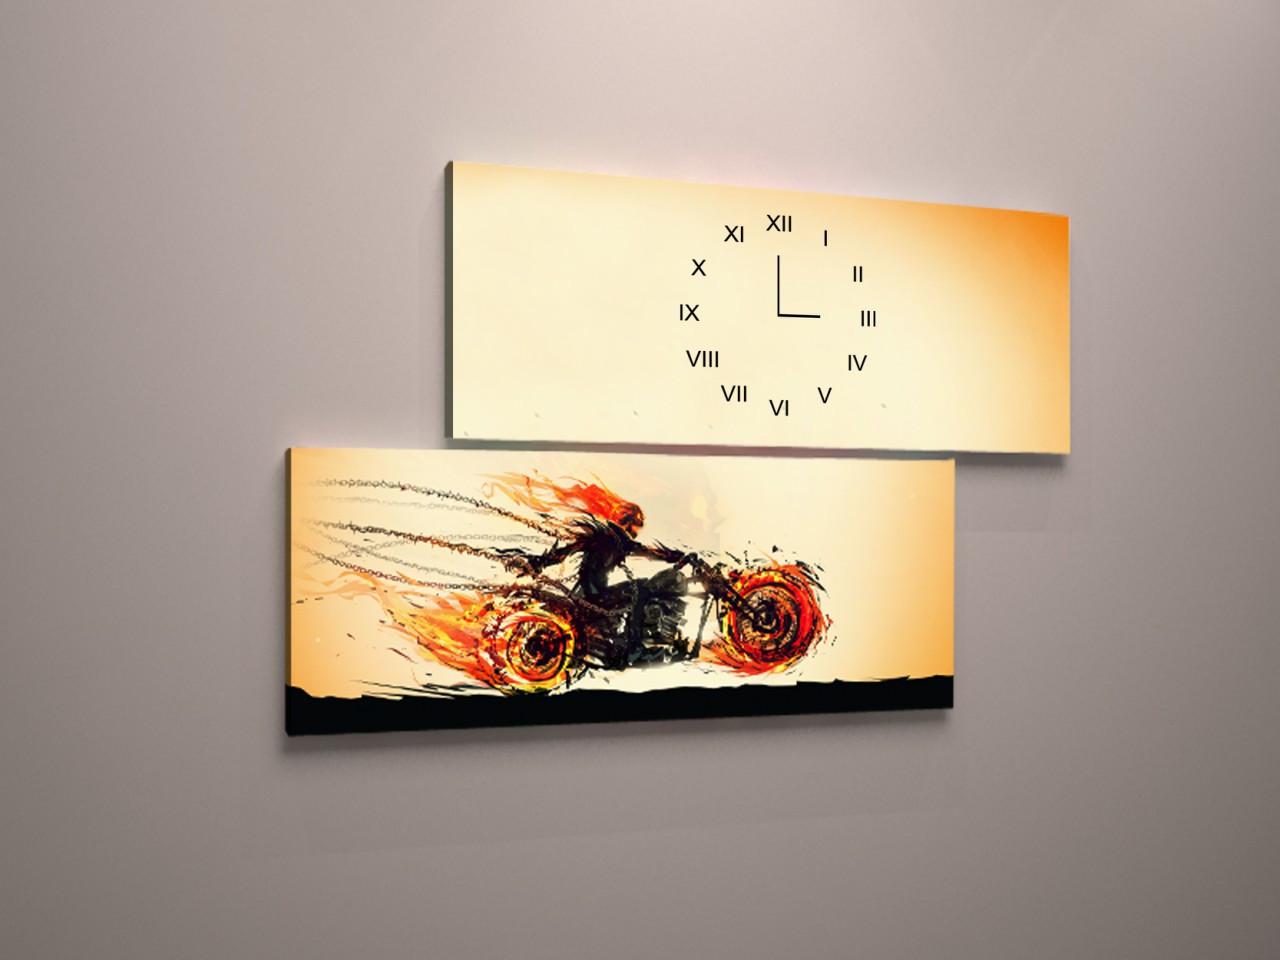 часы модульные настенные арт постеры удалить маляры, зубы